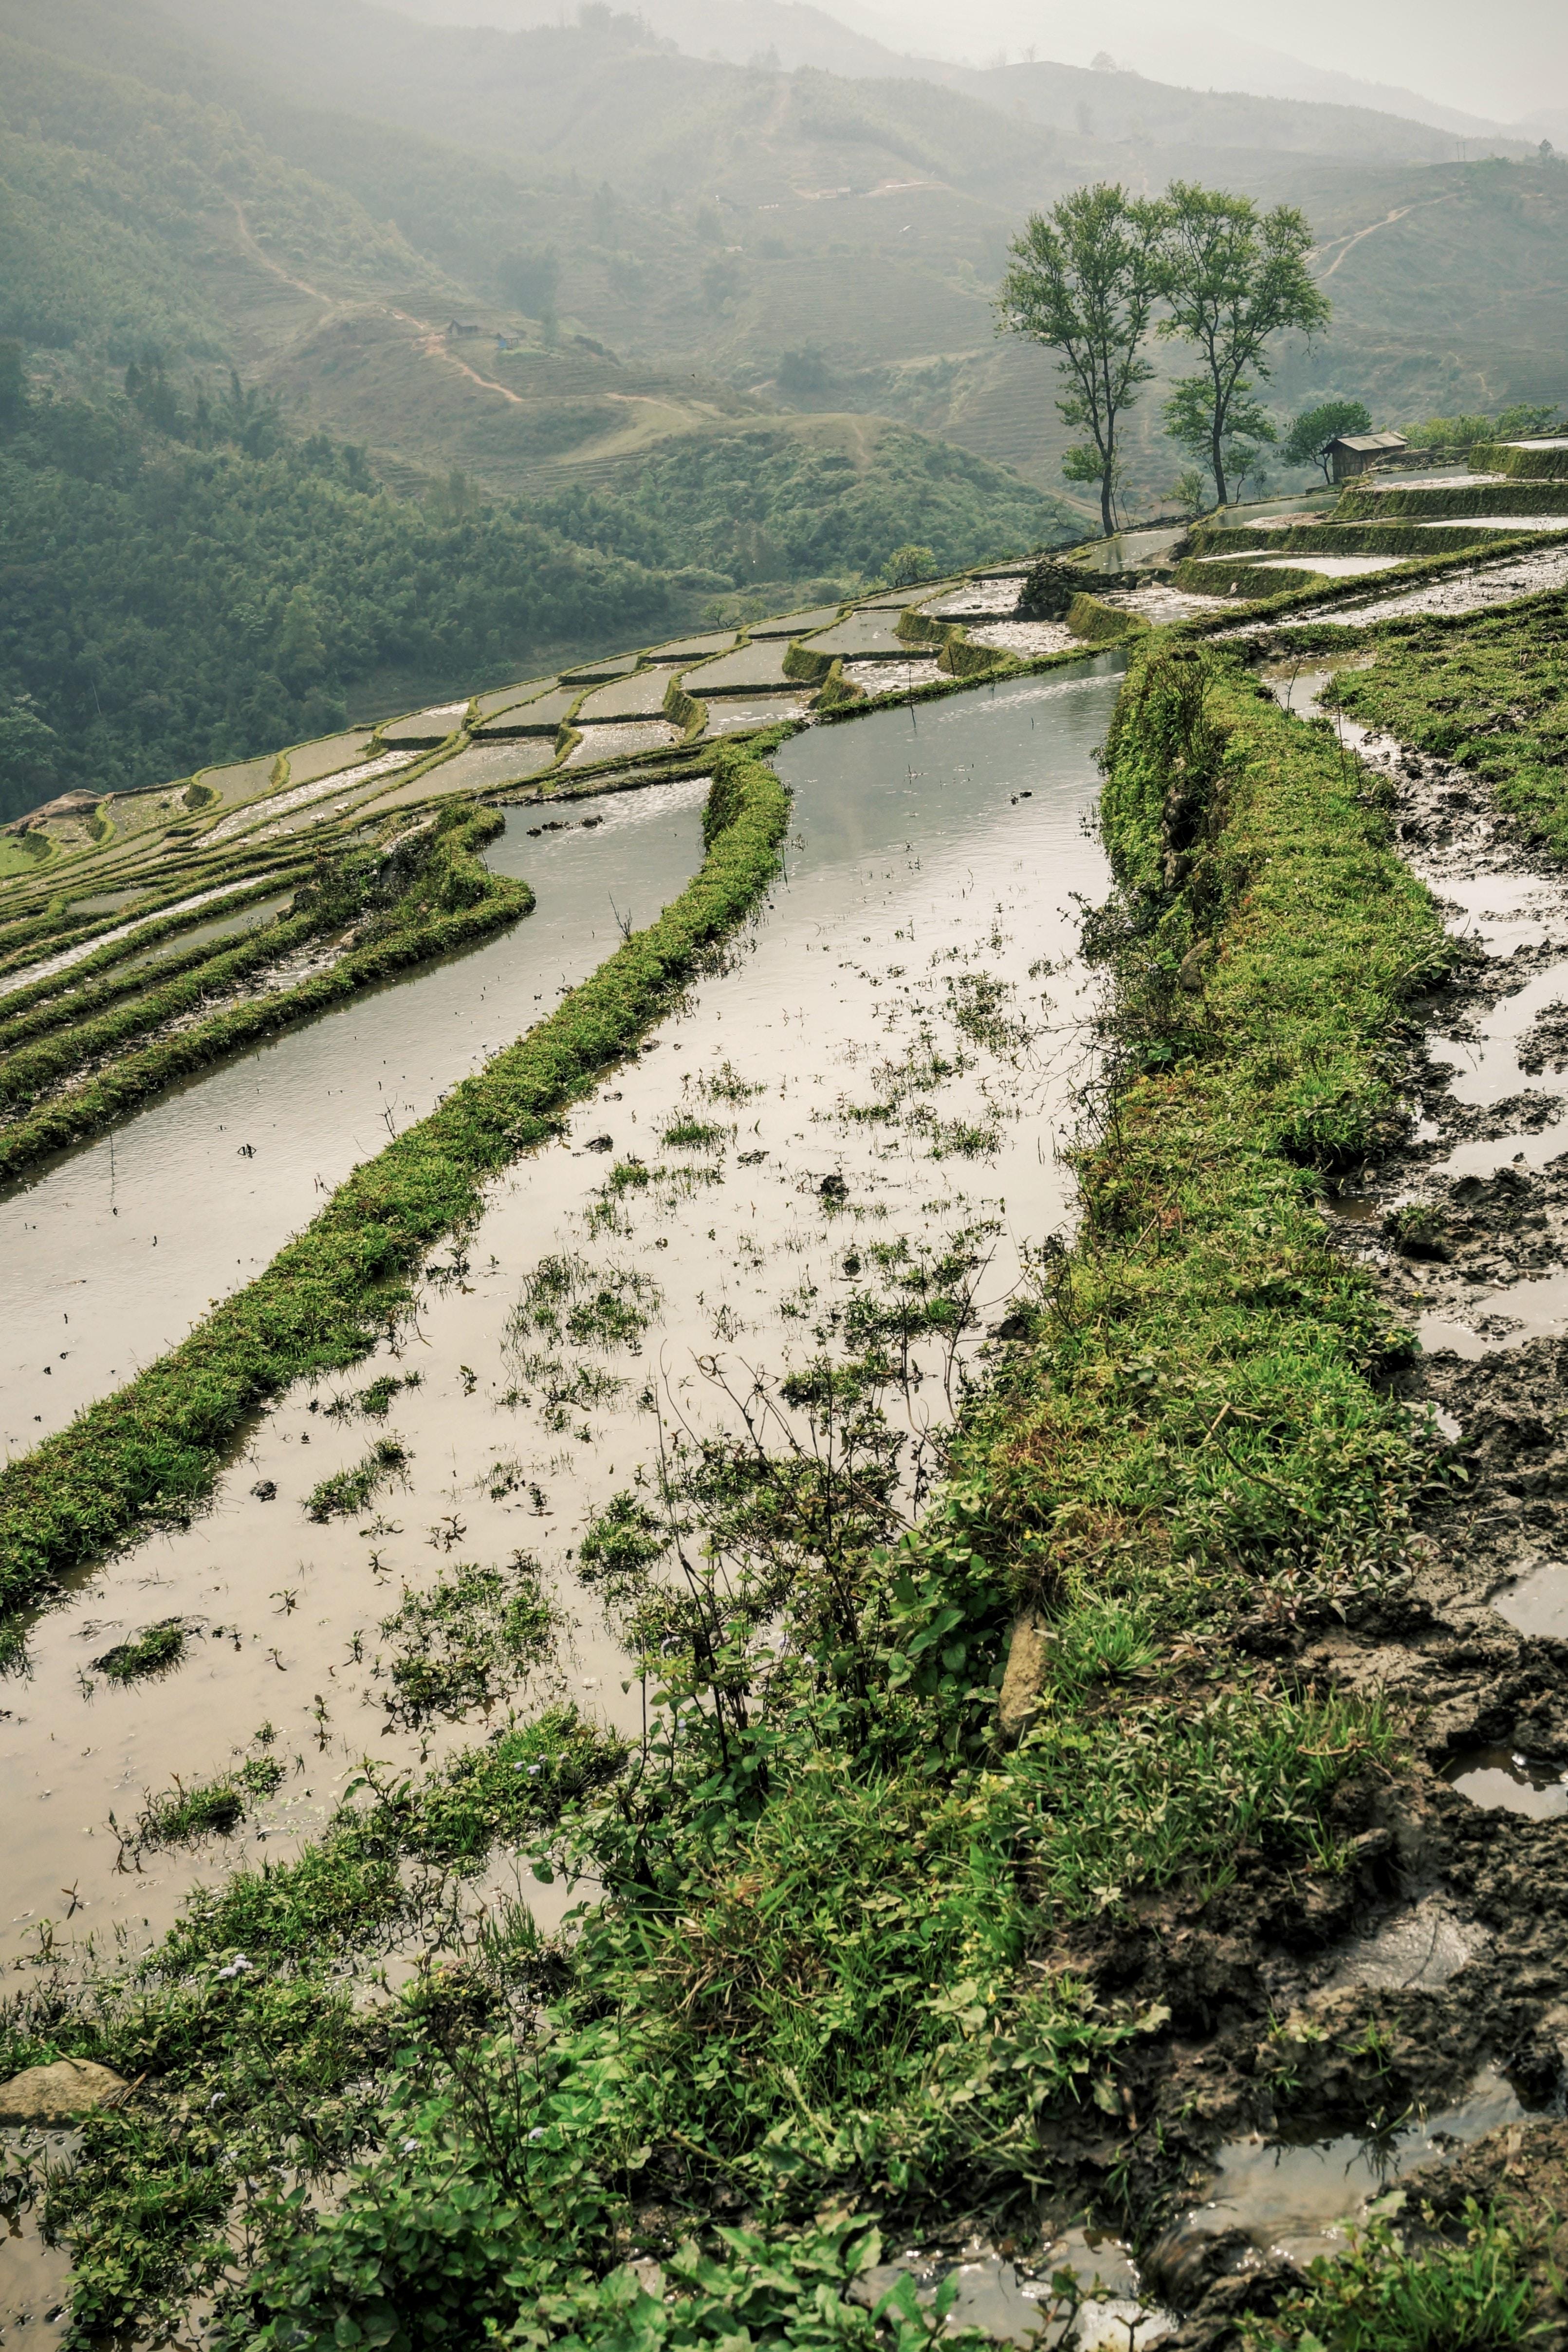 A rice terrace in Vietnam.